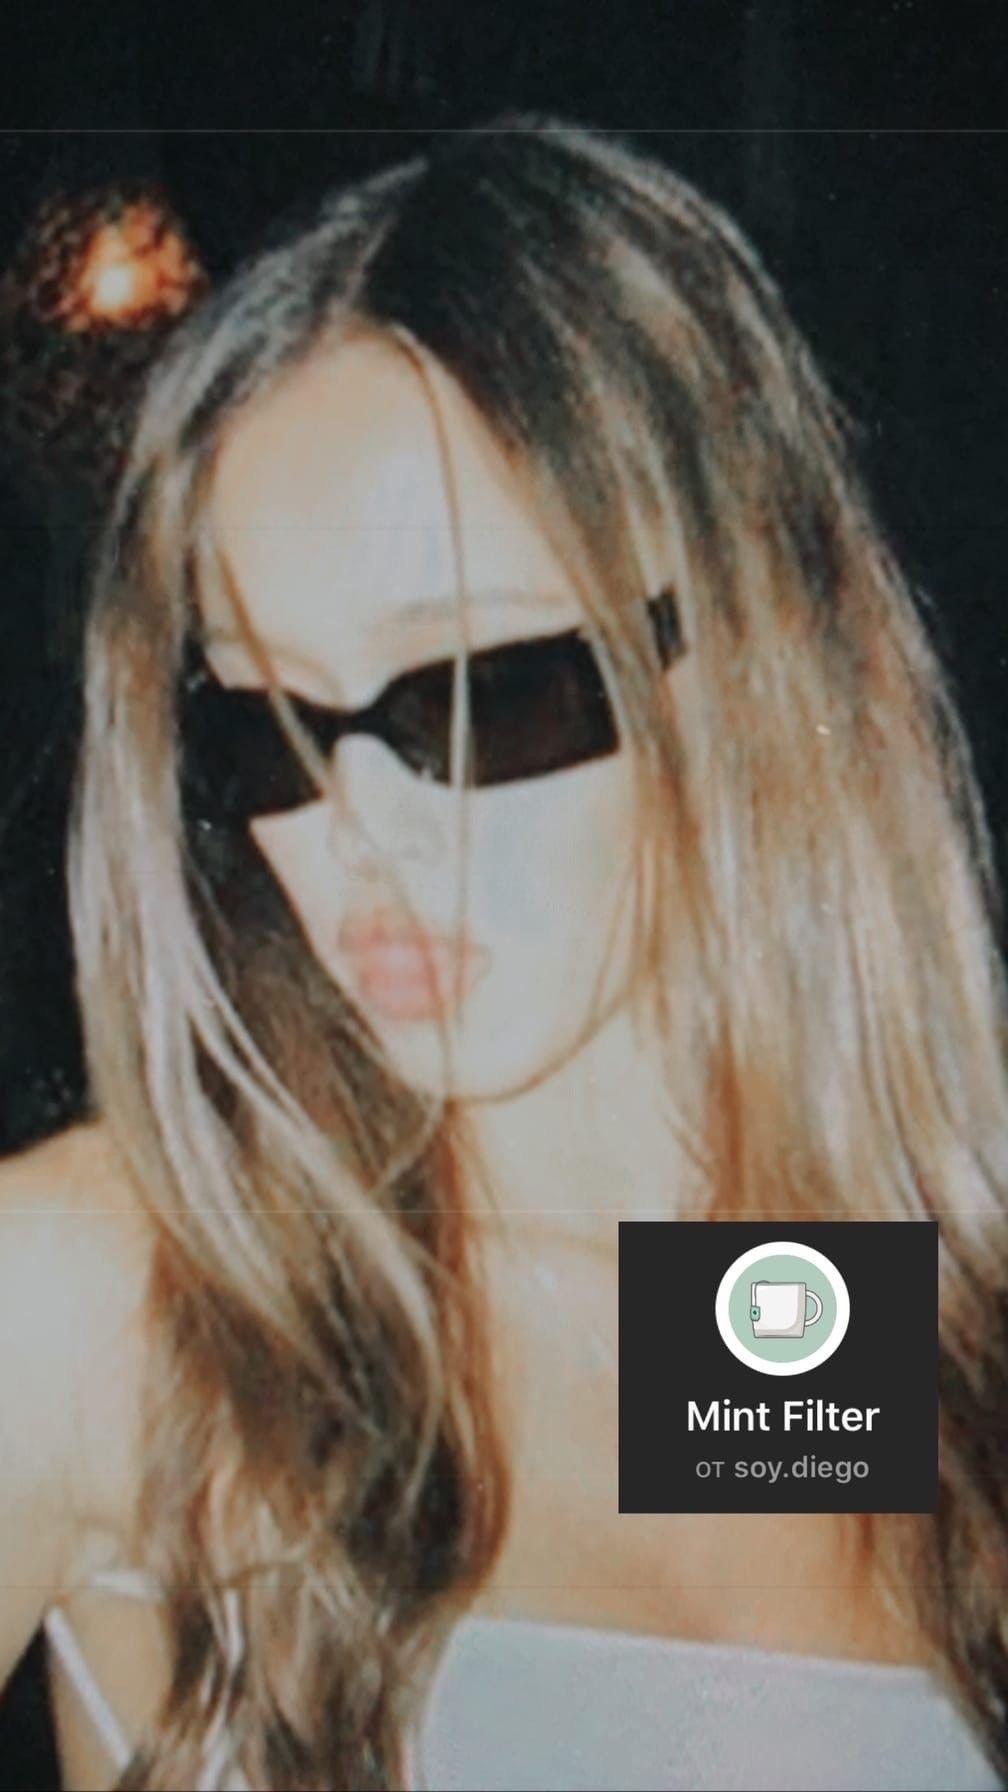 filters for instagram 🎞️ masks on Instagram 🥰